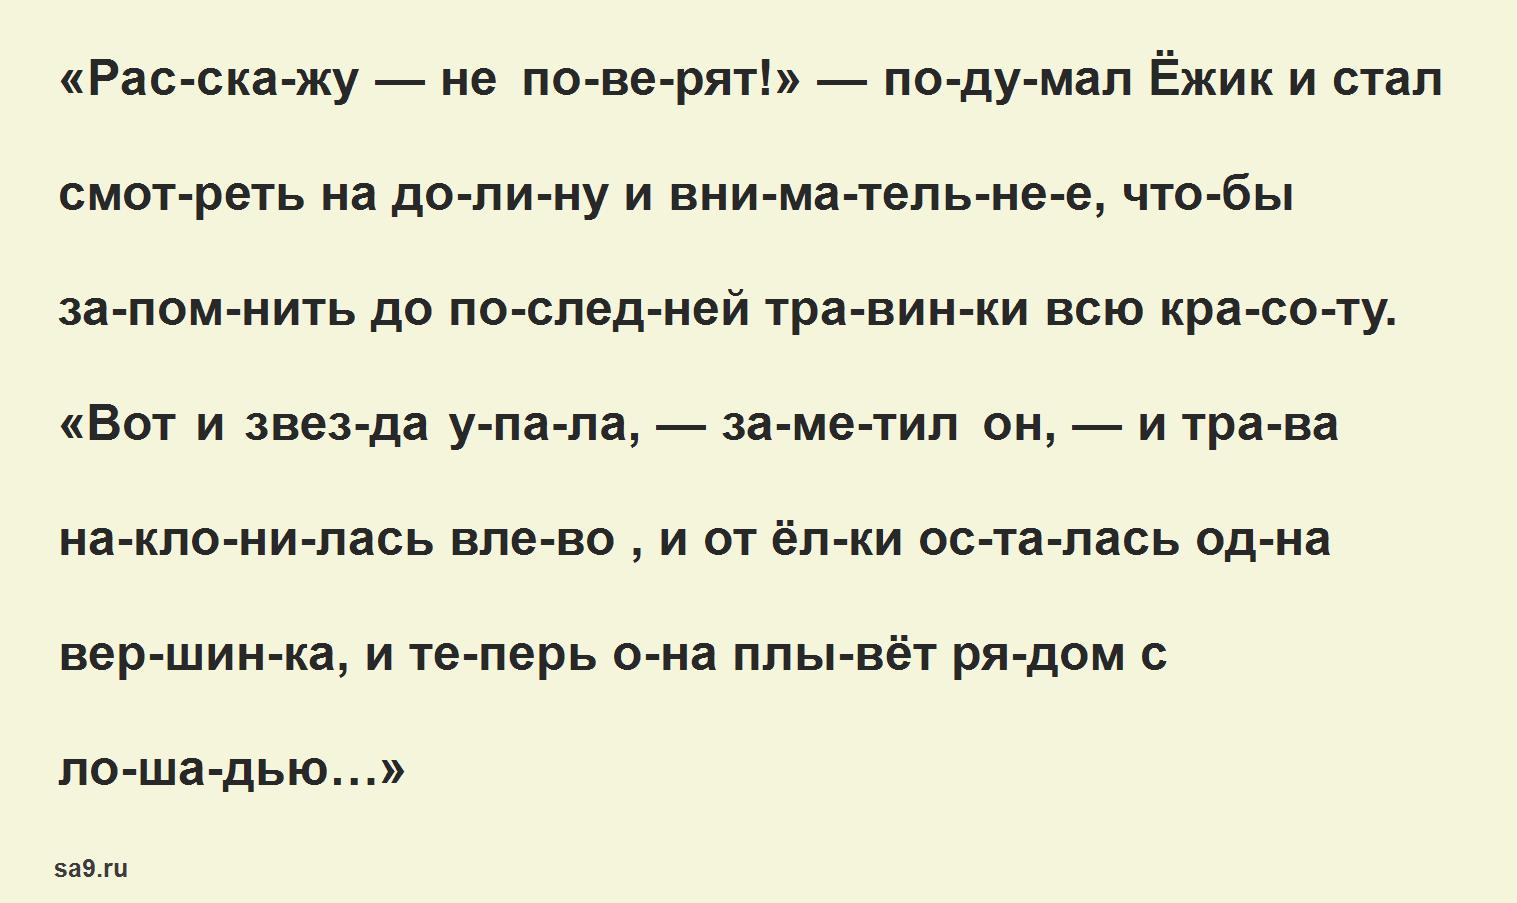 Читаем сказку - Ежик, по слогам